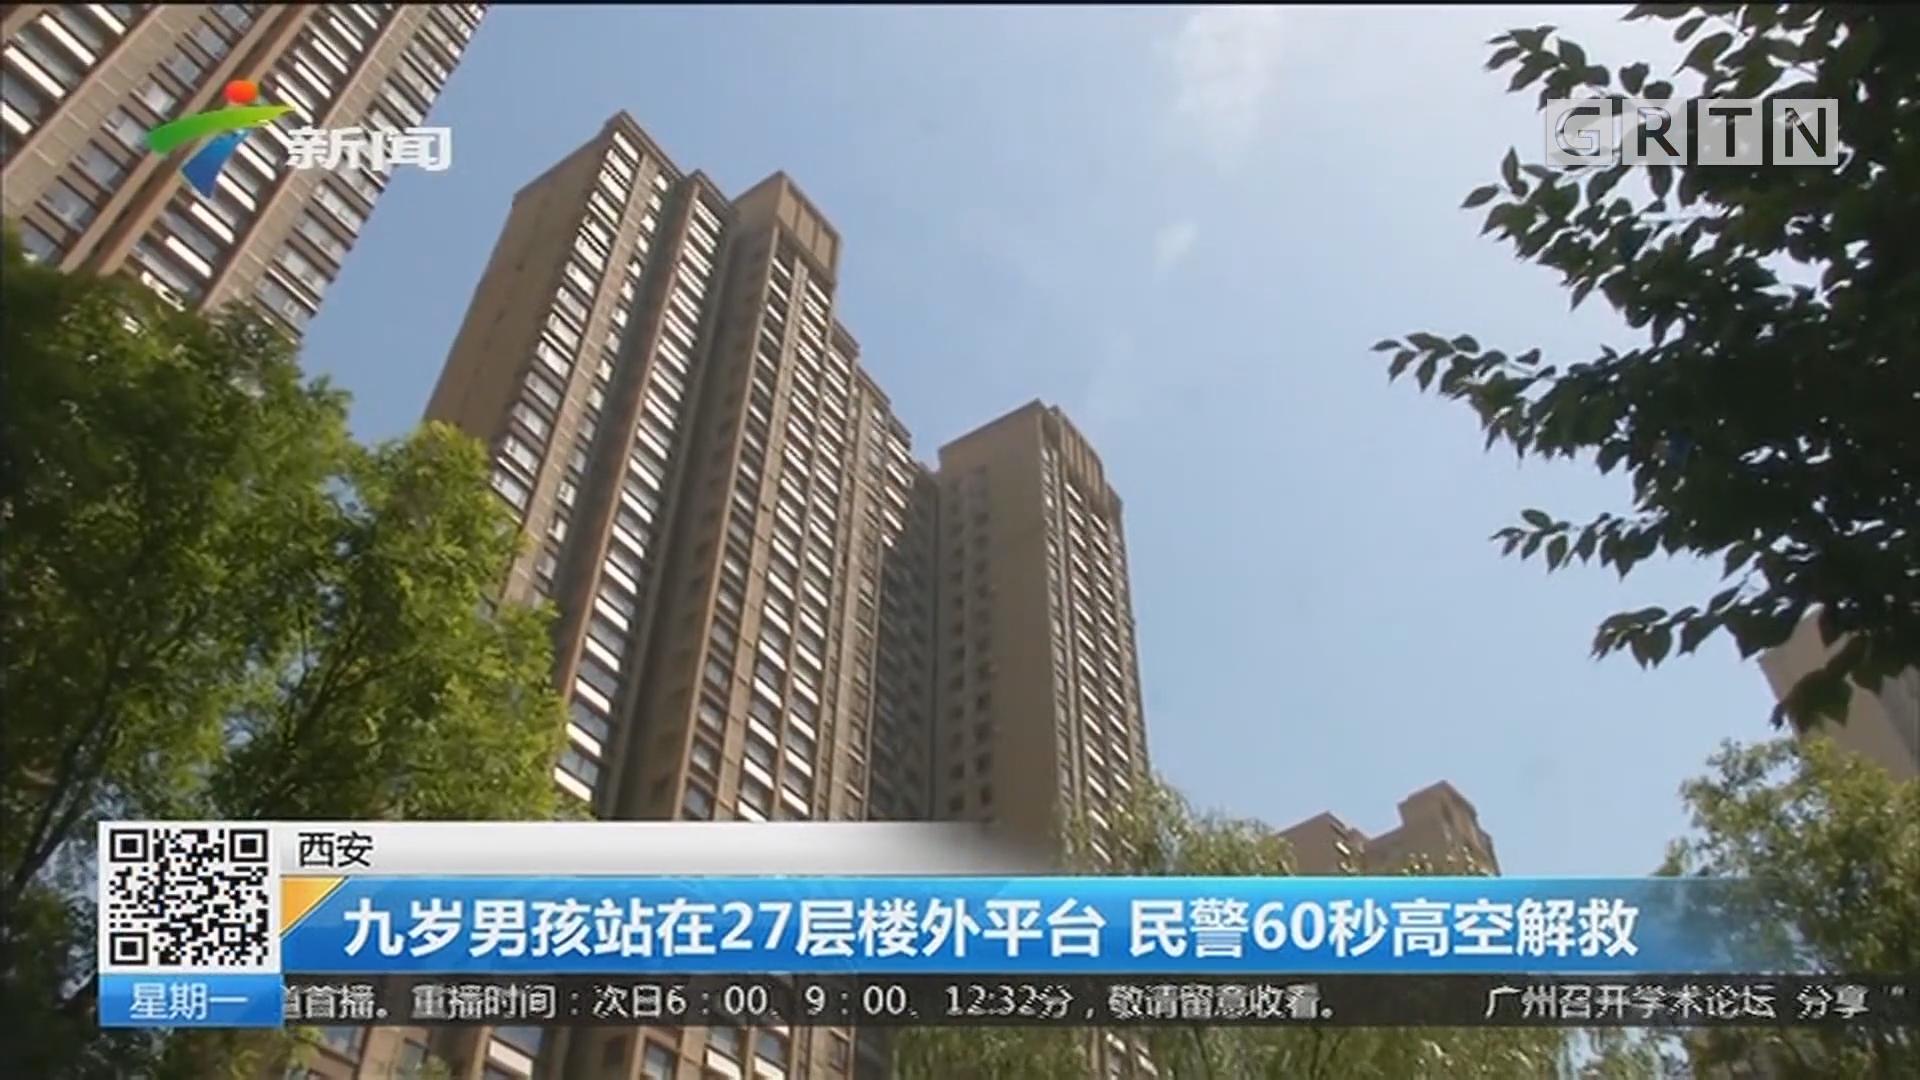 西安:九岁男孩站在27层楼外平台 民警60秒高空解救